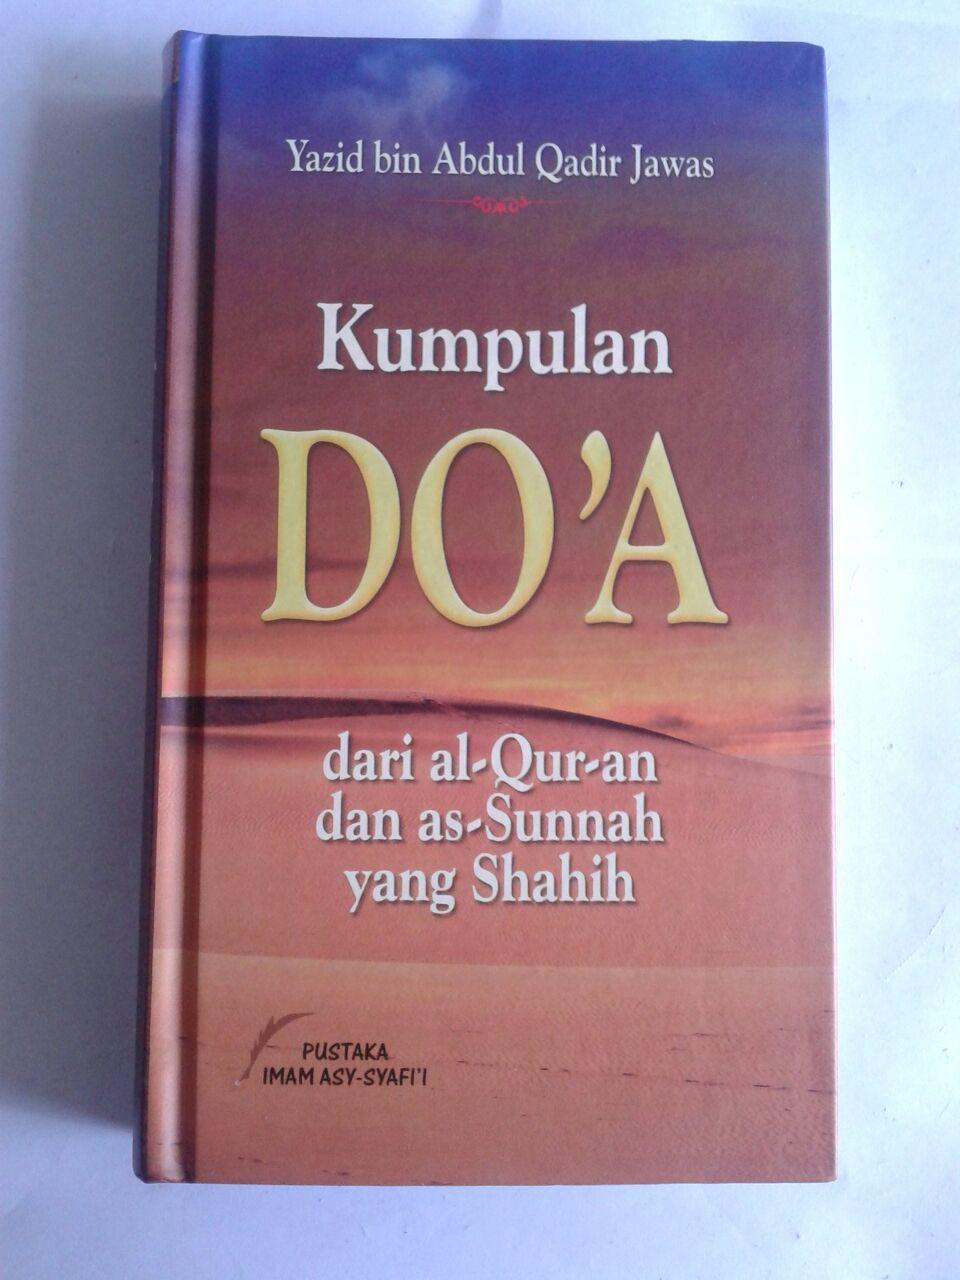 Buku Kumpulan Doa Dari Al-Quran dan As-Sunnah Yang Shahih